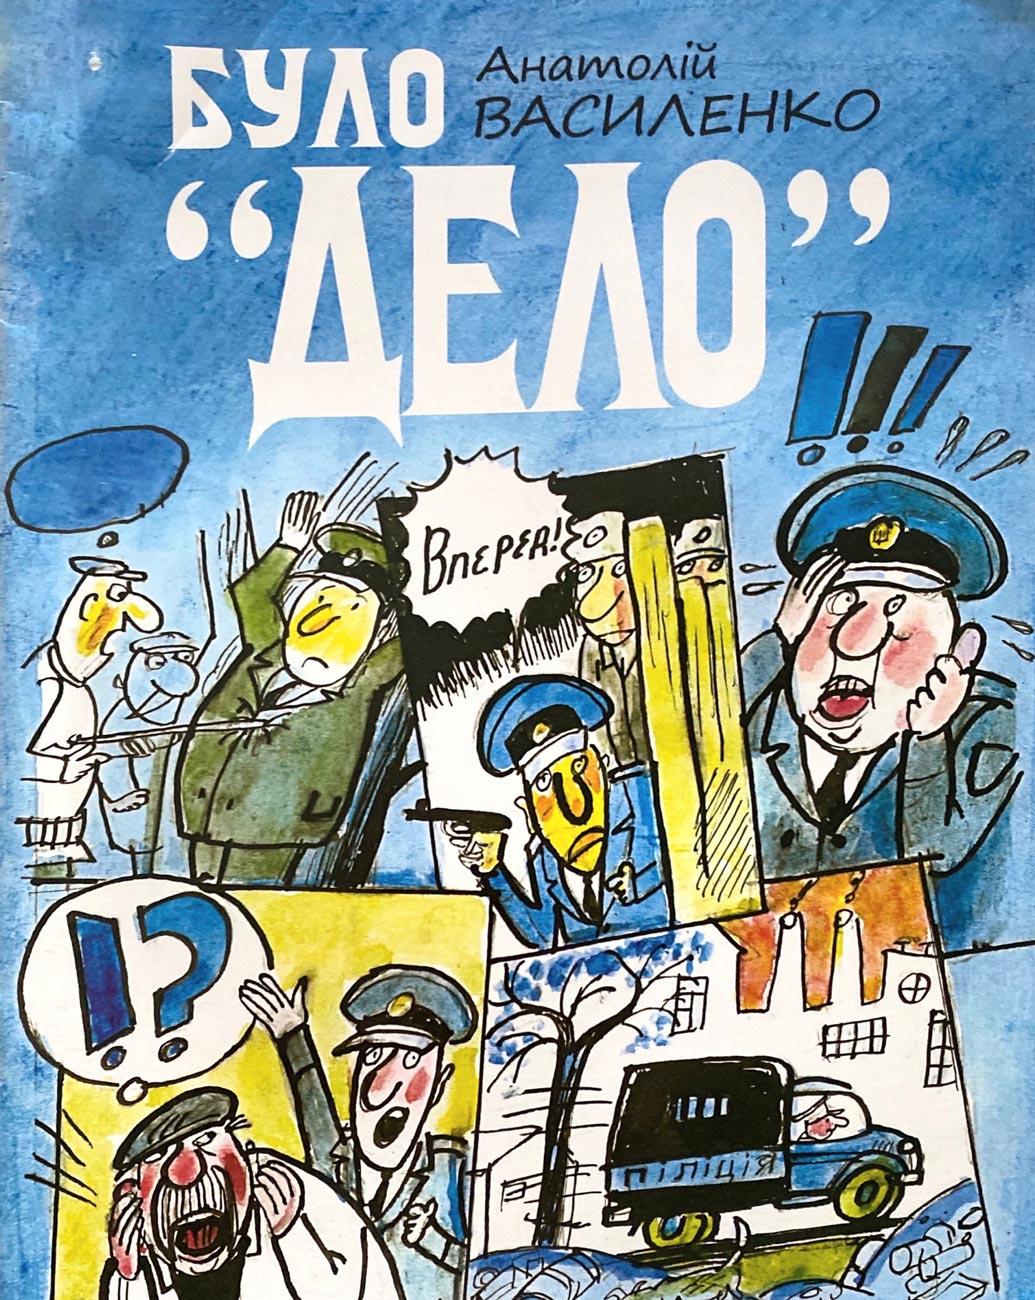 bulo delo cover - <b>«Колония муравьев», Джо Сакко и шутки создательницы «Коня БоДжека»</b> – обзор комиксов от Катерины Сергацковой - Заборона